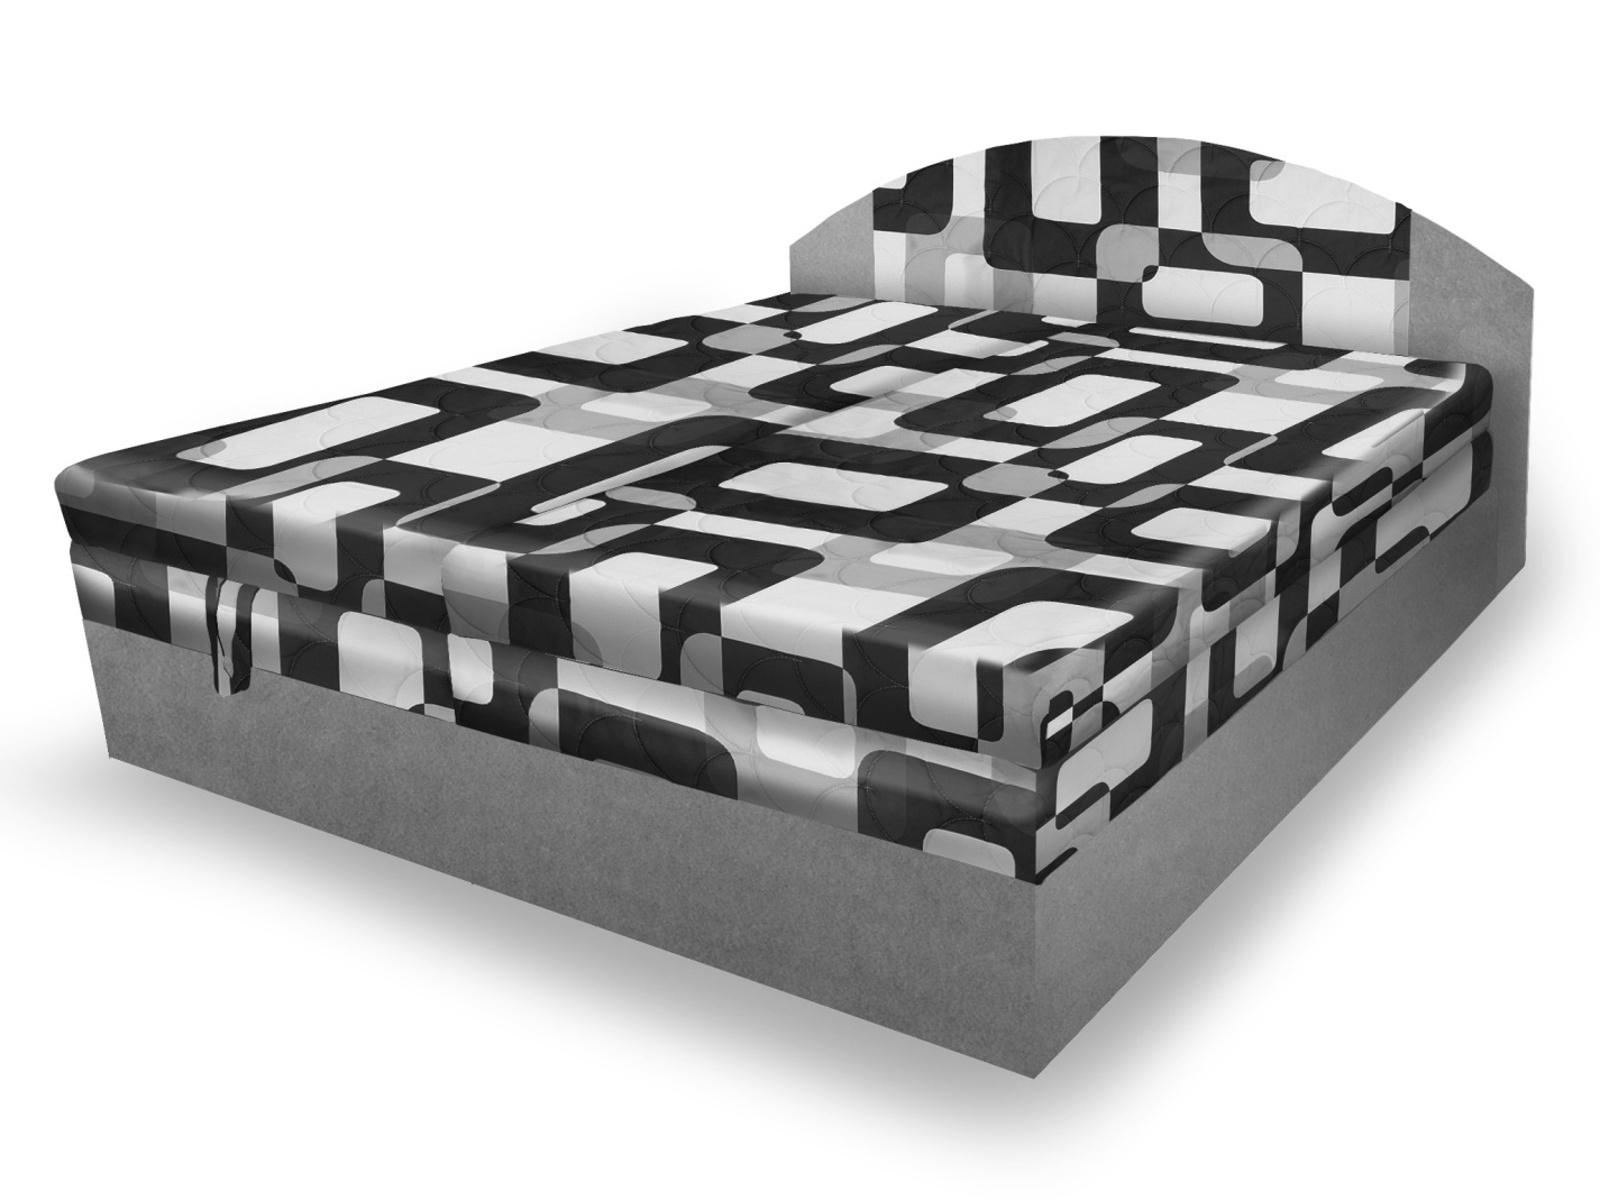 Smartshop Polohovací čalouněná postel VESNA 160x200 cm, šedá látka